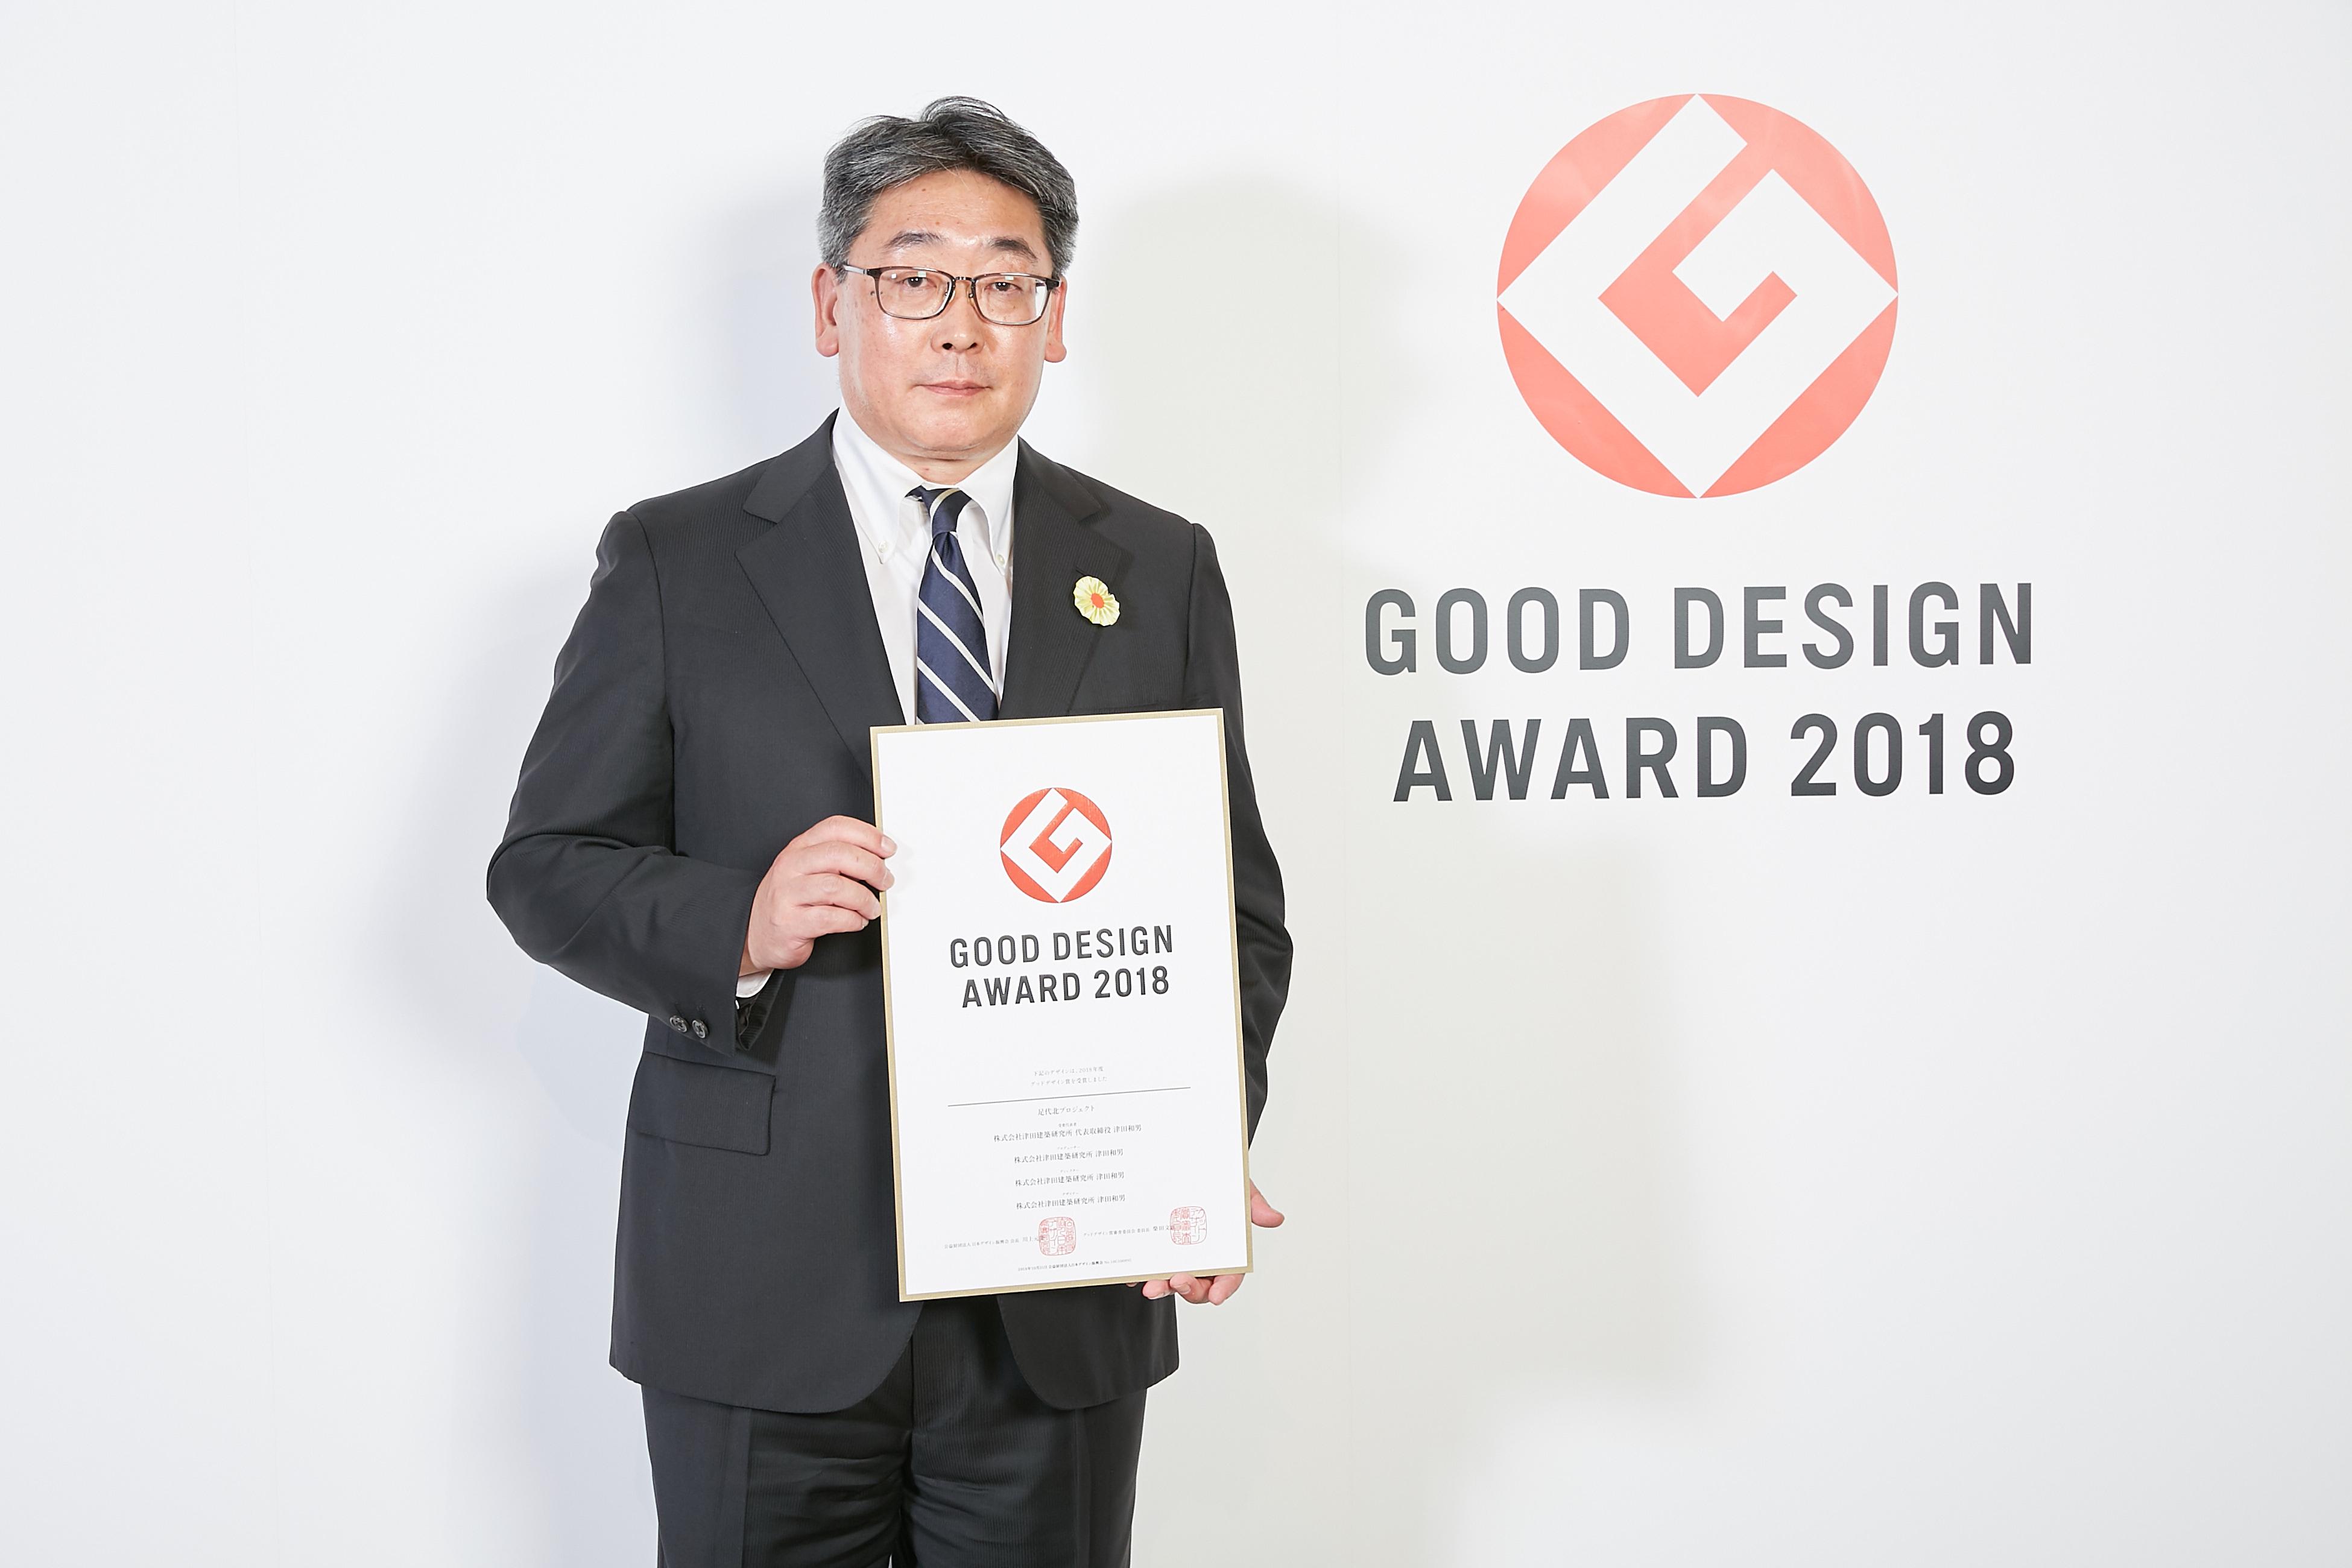 181105 グッドデザイン賞2018 授賞式1